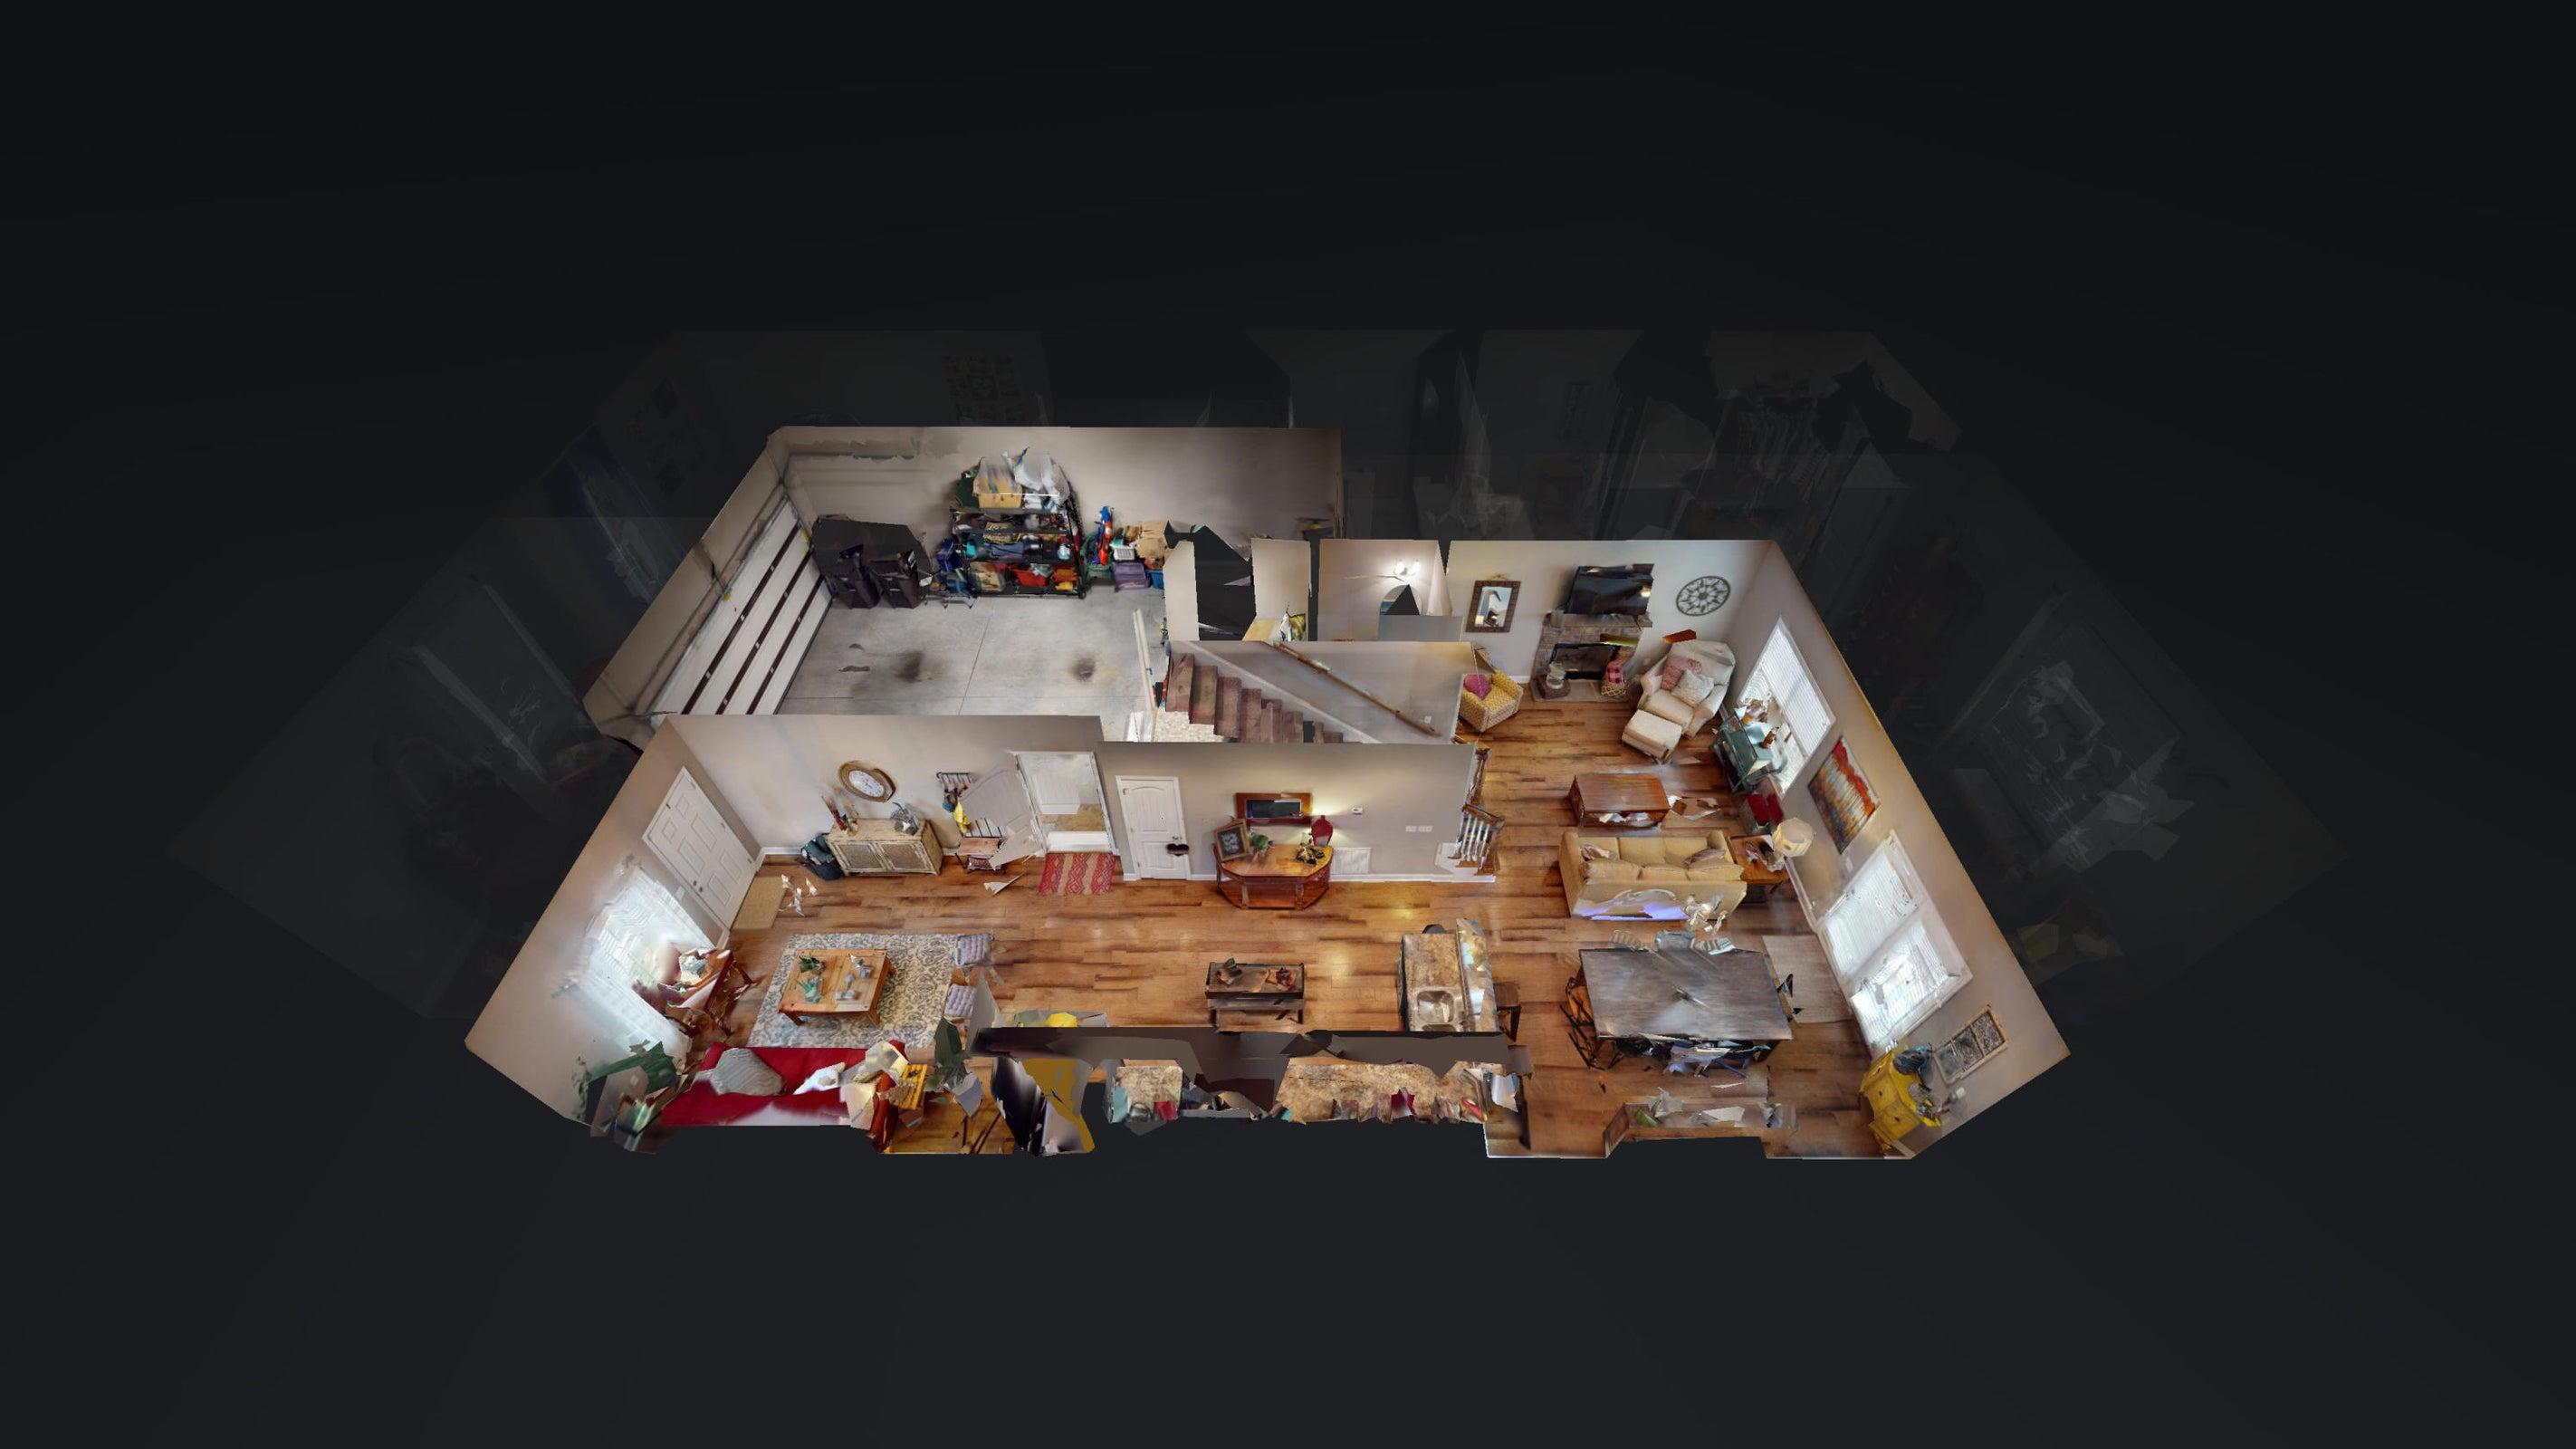 2352-Madeline-lane-Floor-Plan